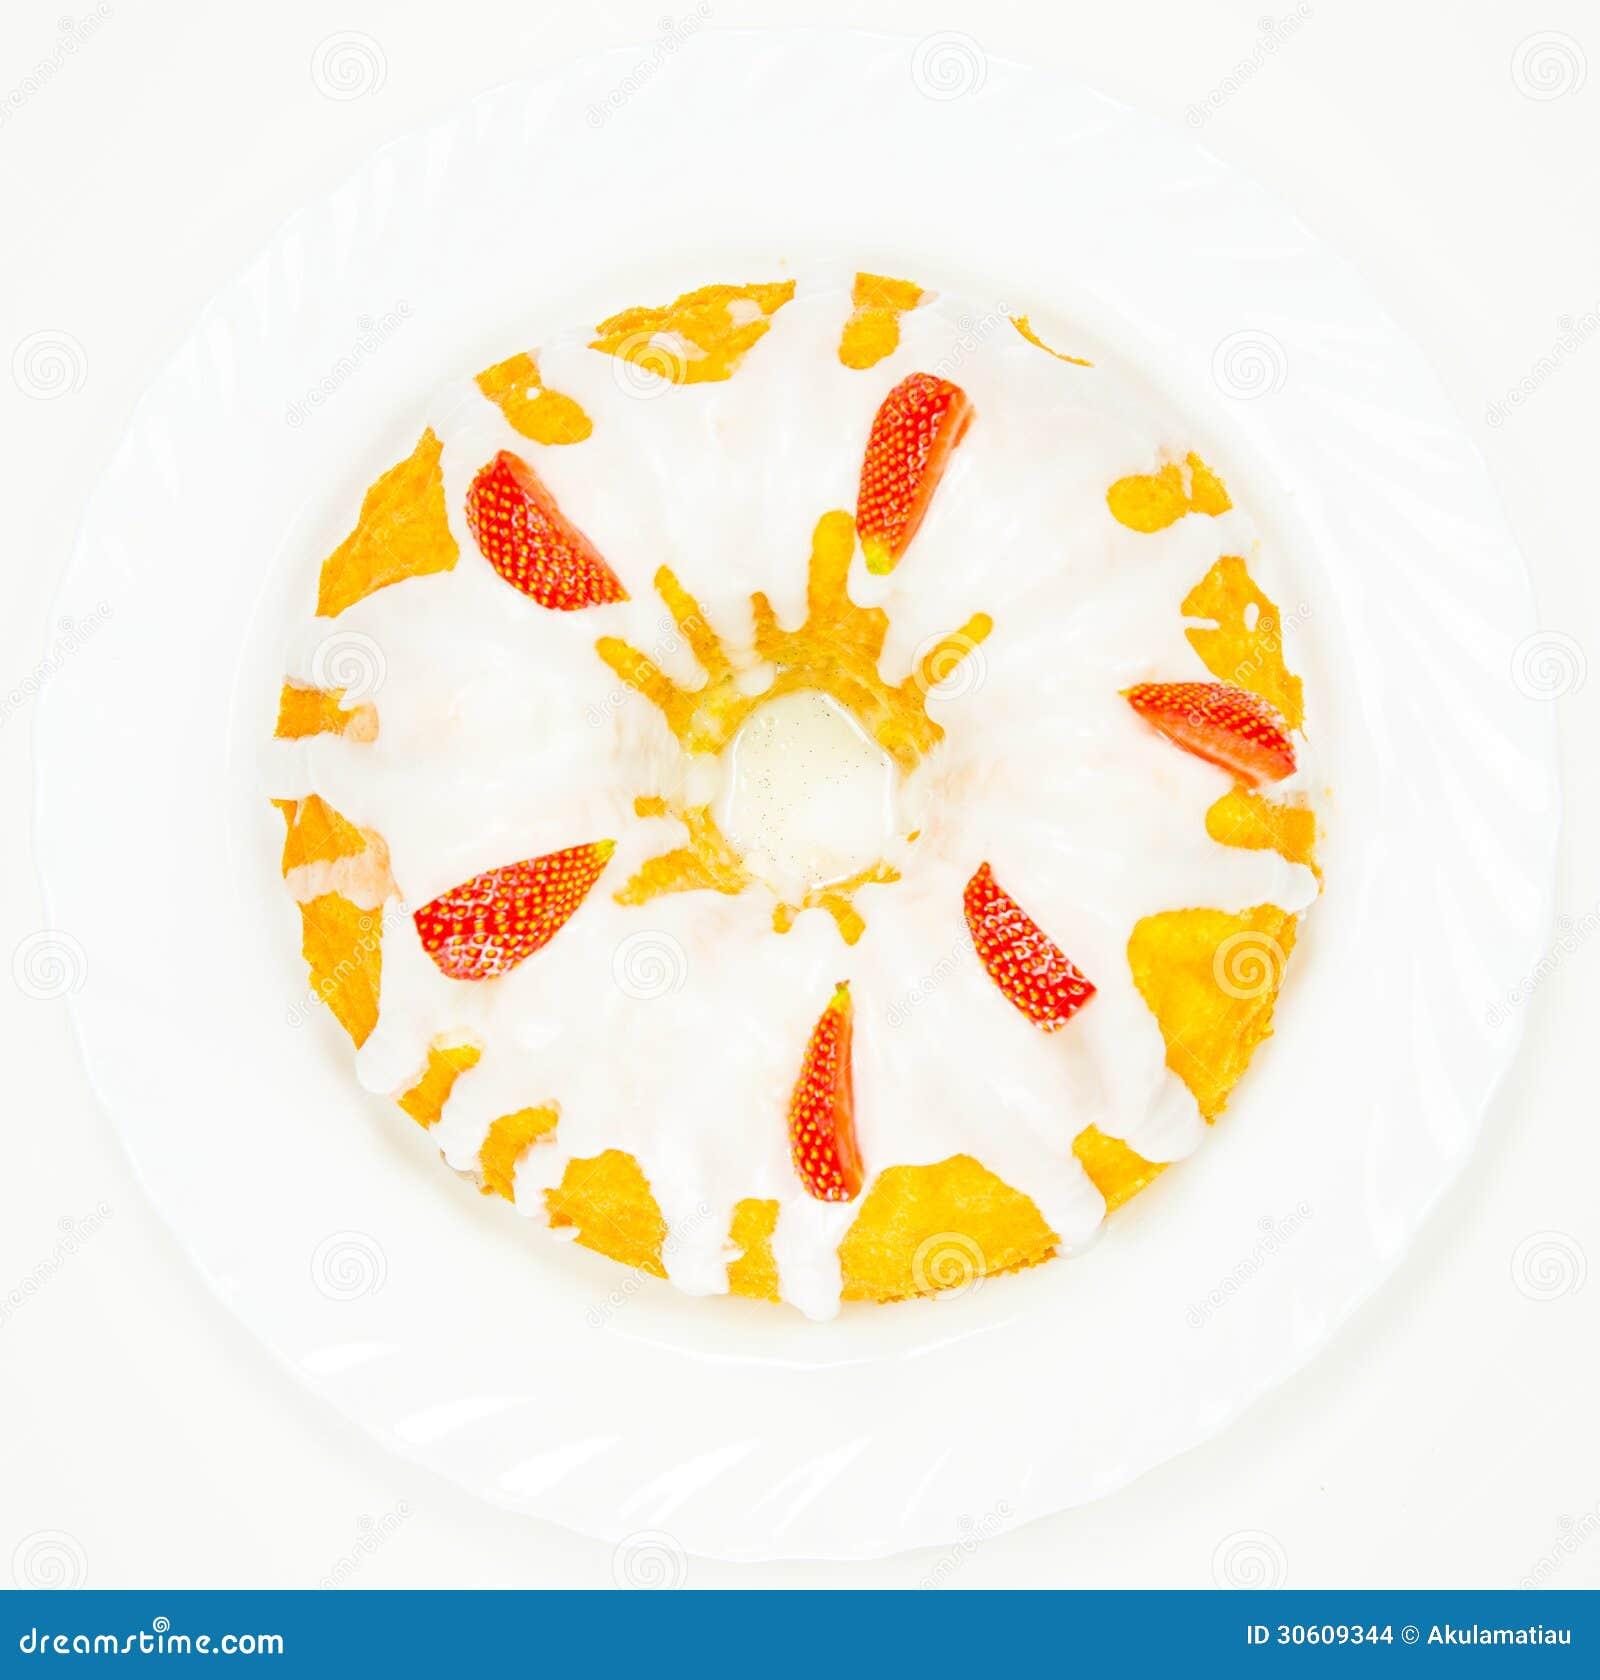 White Sugar Glaze For Pound Cake